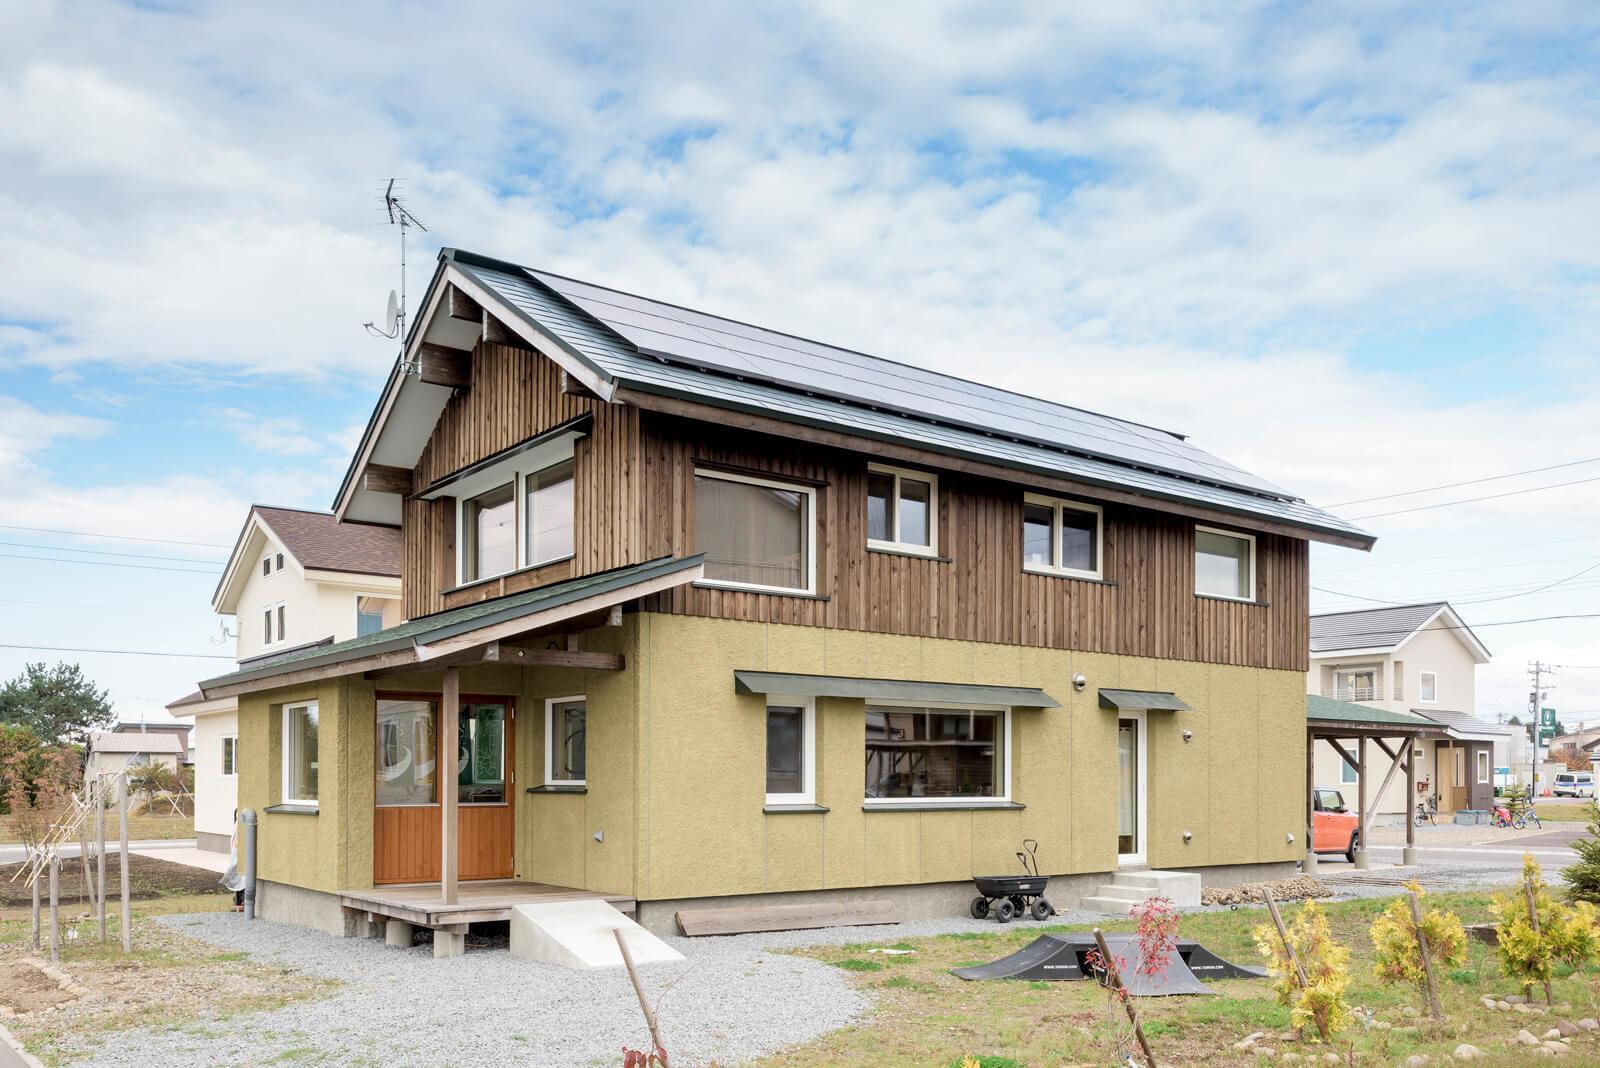 メンテナンスフリーのウッドトリートメントを塗布したカラマツ材と、いつまでも色落ちしない色粉を練り込んだはきつけモルタル外壁の外観が、周囲の風景に馴染んでいる。南東面の屋根には太陽光発電パネルを搭載した